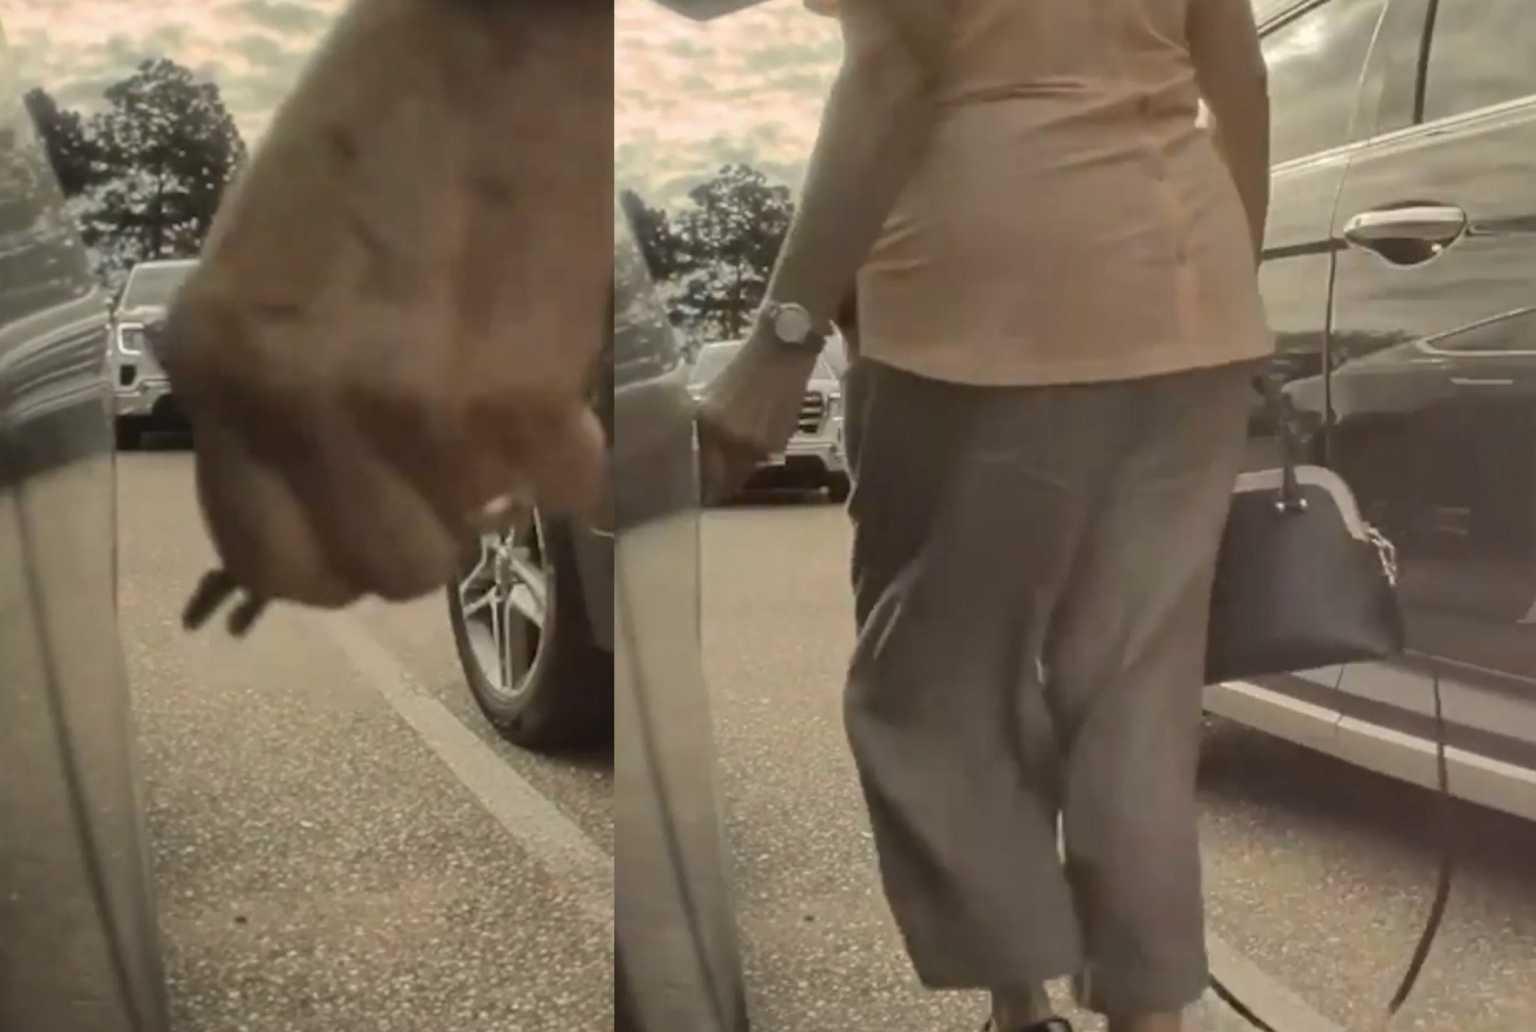 Της χάραξε με κλειδιά το αυτοκίνητο για μια θέση πάρκινγκ αλλά η κάμερα την «έκαψε»